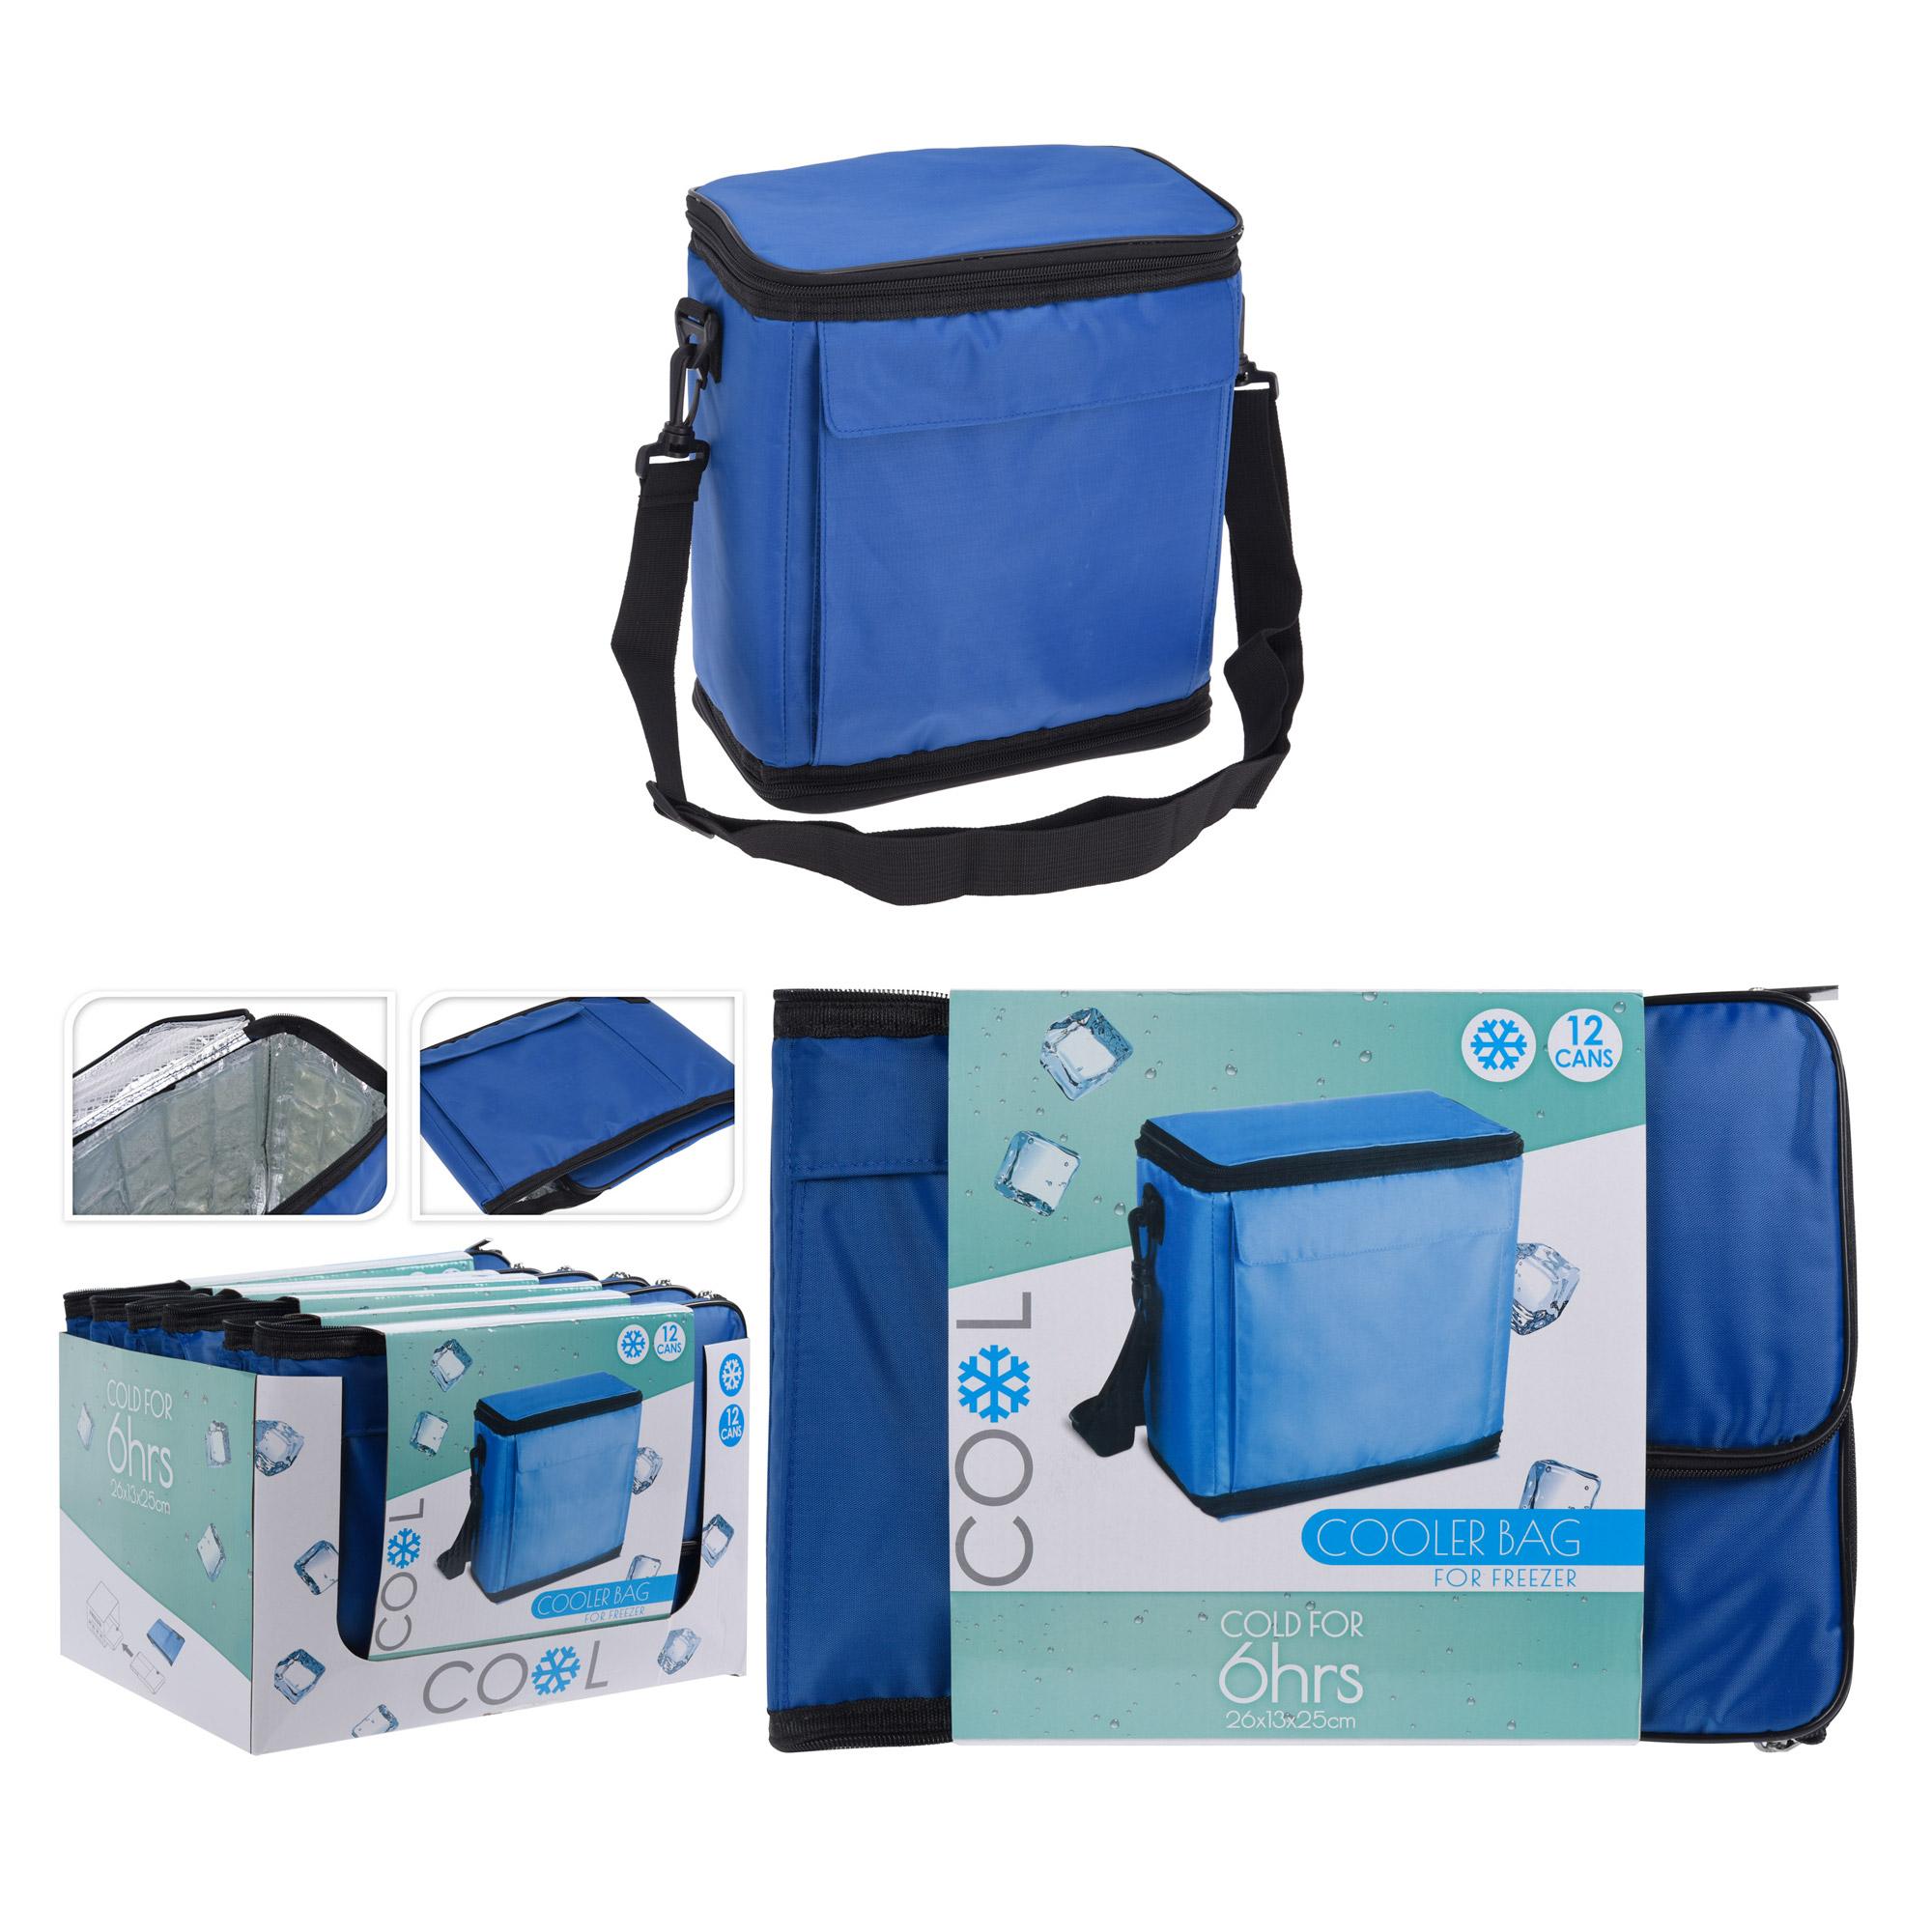 Фото - Сумка-холодильник Koopman синяя 26х13х25 см сумка холодильник koopman синяя 26х13х25 см